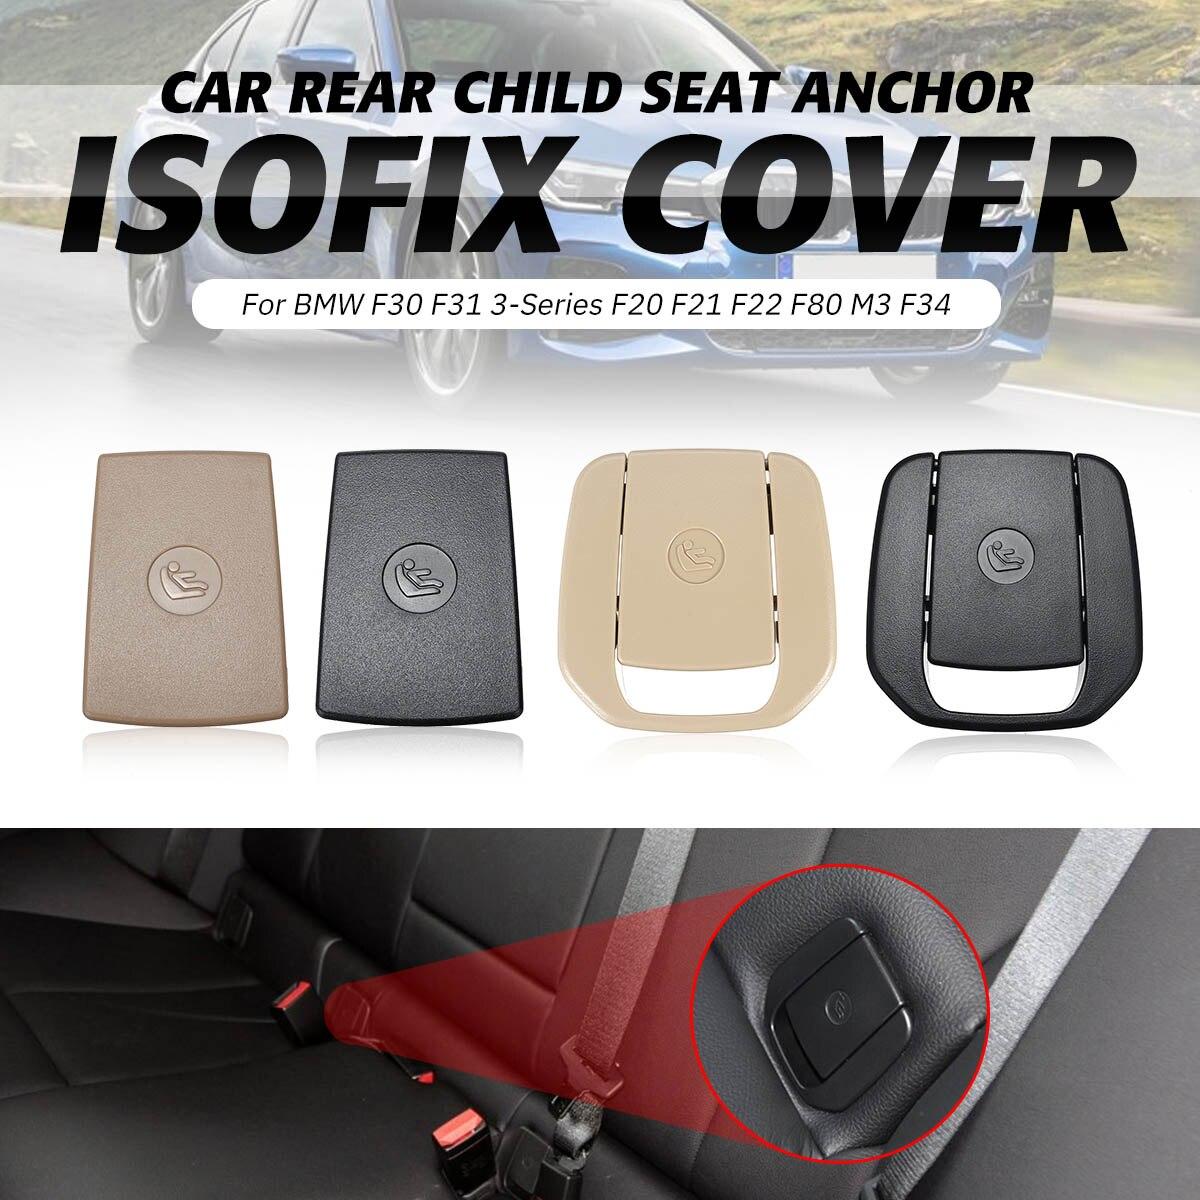 รถที่นั่งด้านหลัง Hook ISOFIX เด็ก Restraint สำหรับ BMW X1 E84 3 Series E90 F30 1Series E87 F20 f80 M3 F30 ที่นั่งด้านหลัง Hook BUCKLE